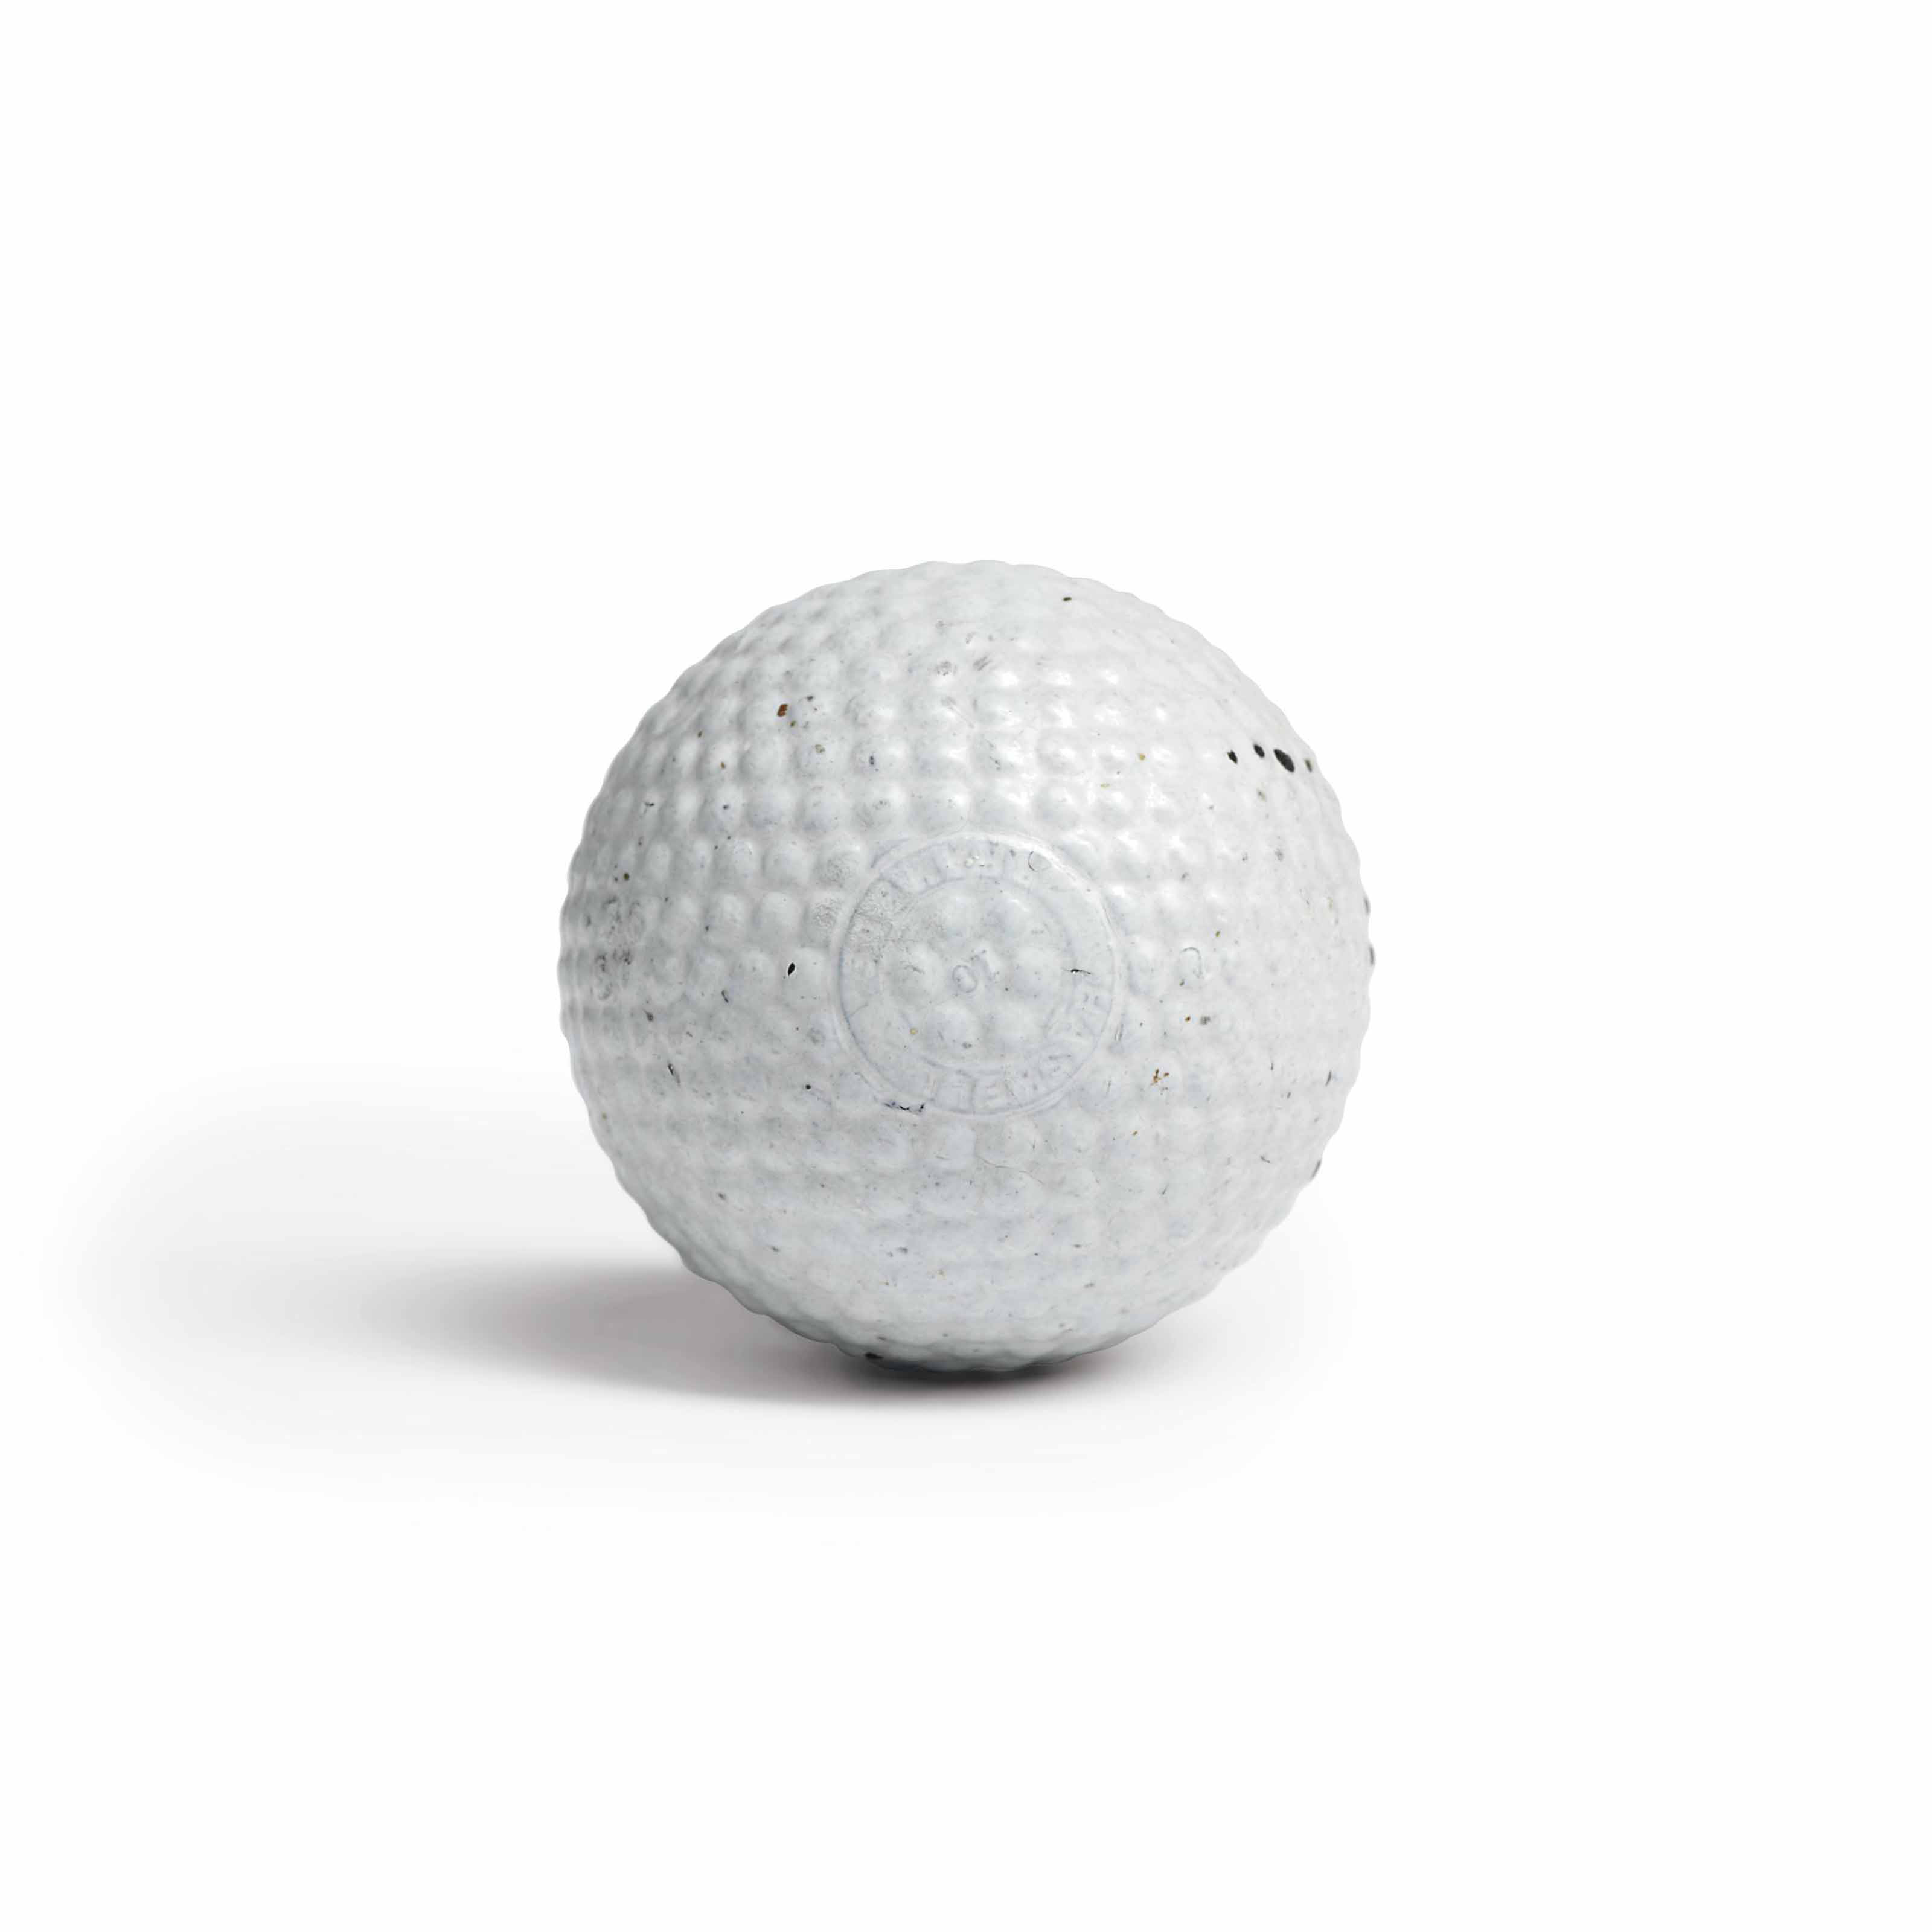 A HASKELL-PATENT BRAMBLE PATTERN GUTTY BALL